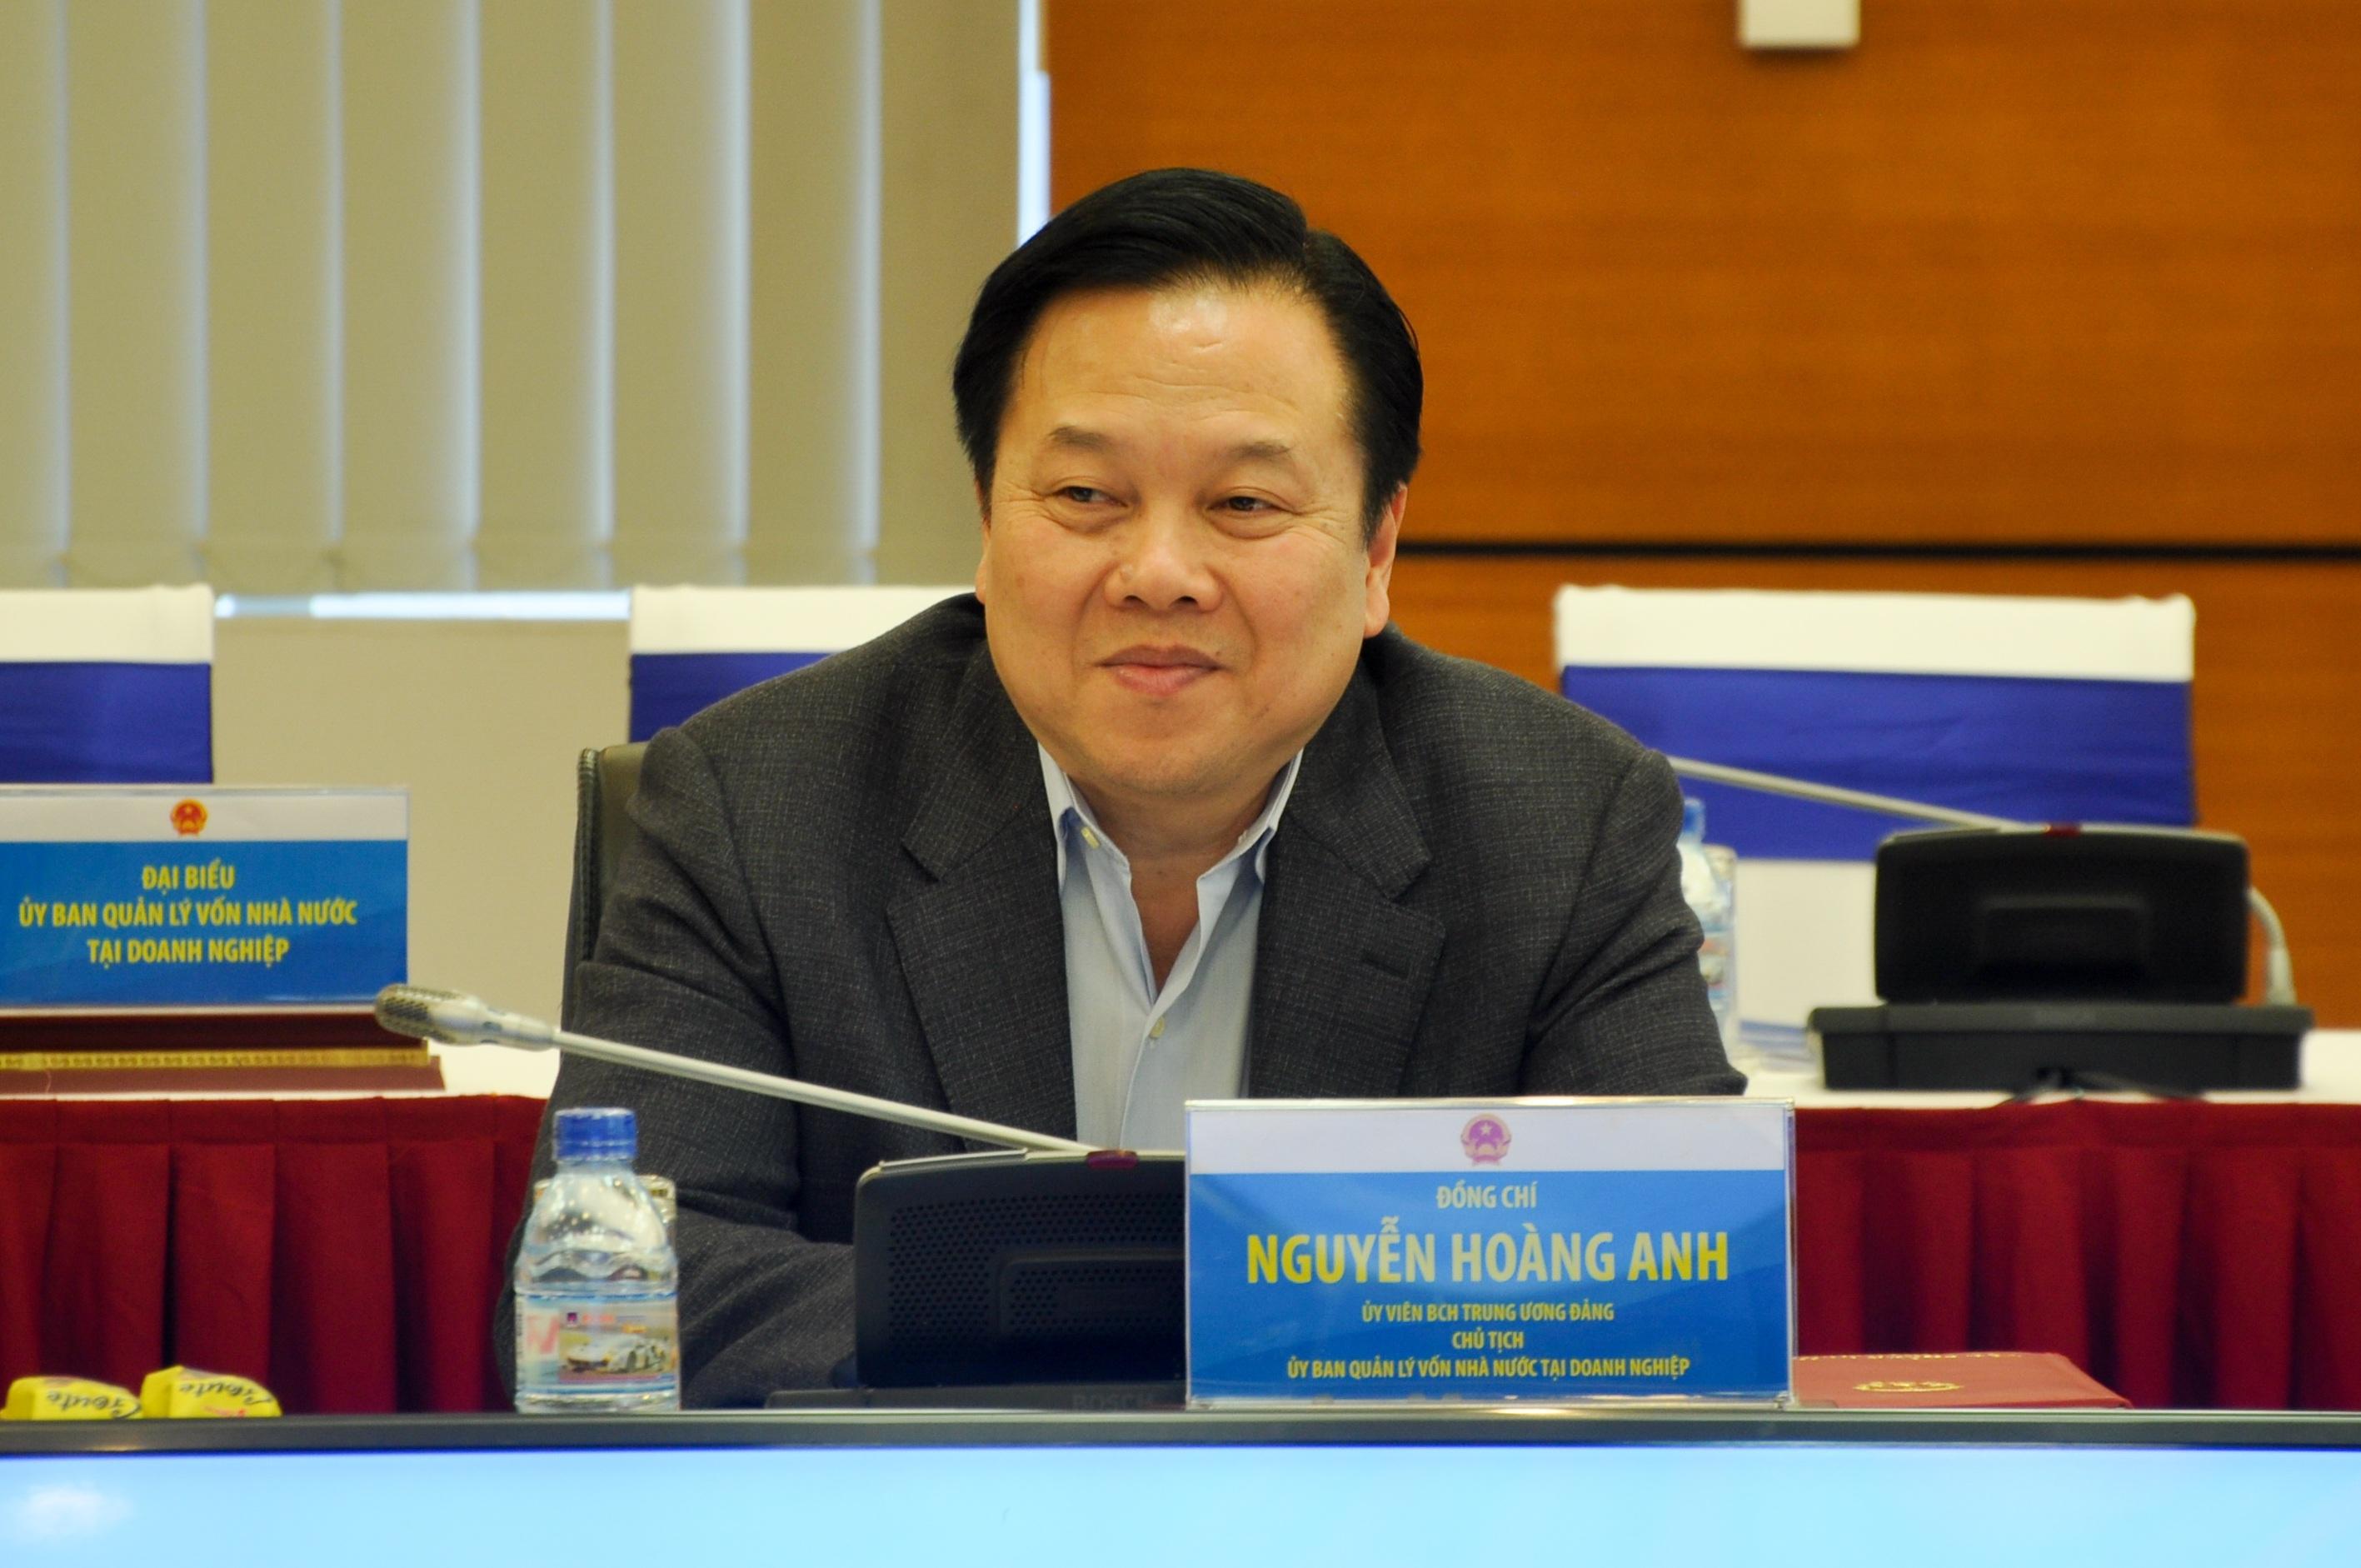 Chủ tịch Ủy ban Quản lý vốn: Dùng vốn Nhà nước hiệu quả, tối ưu nguồn lực